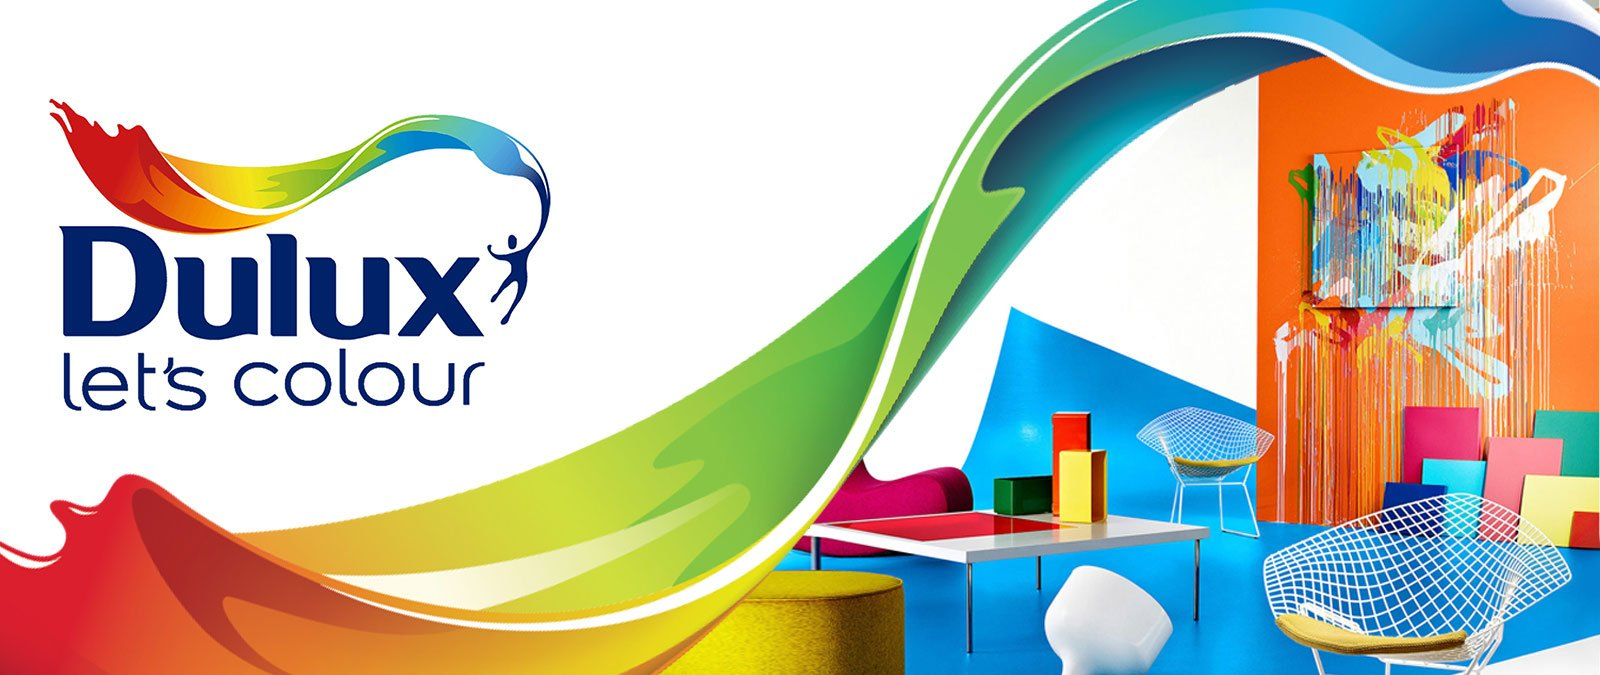 Bestbuy Maldives Dulux supplier